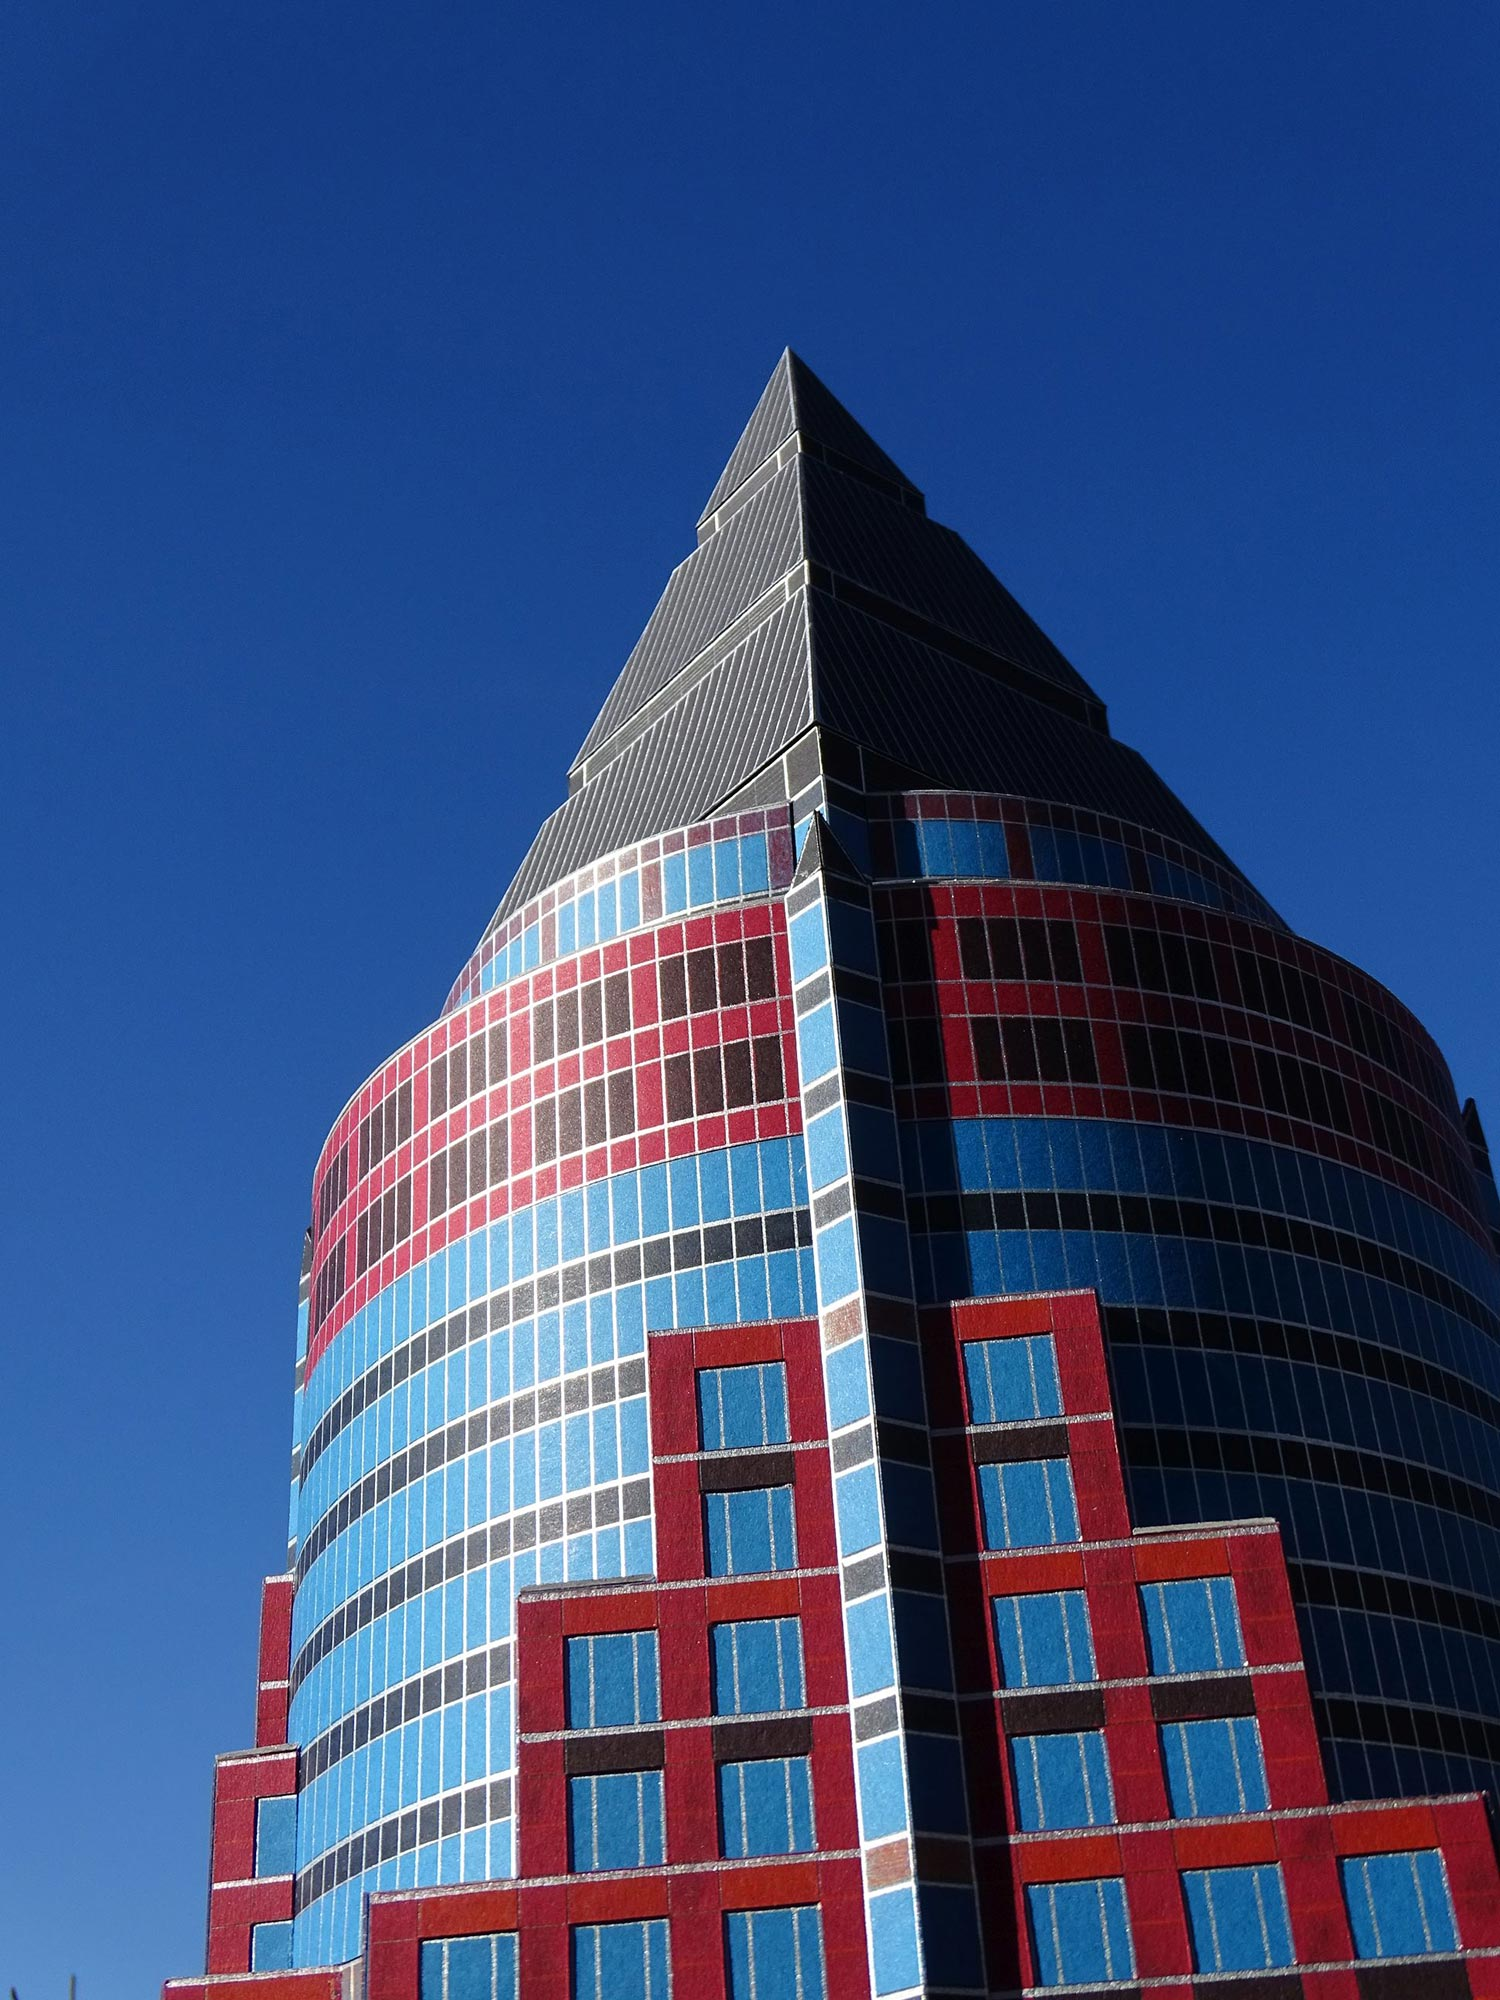 Die Spitze des Frankfurter Messeturm - die bekannte Pyramide auf dem Dach